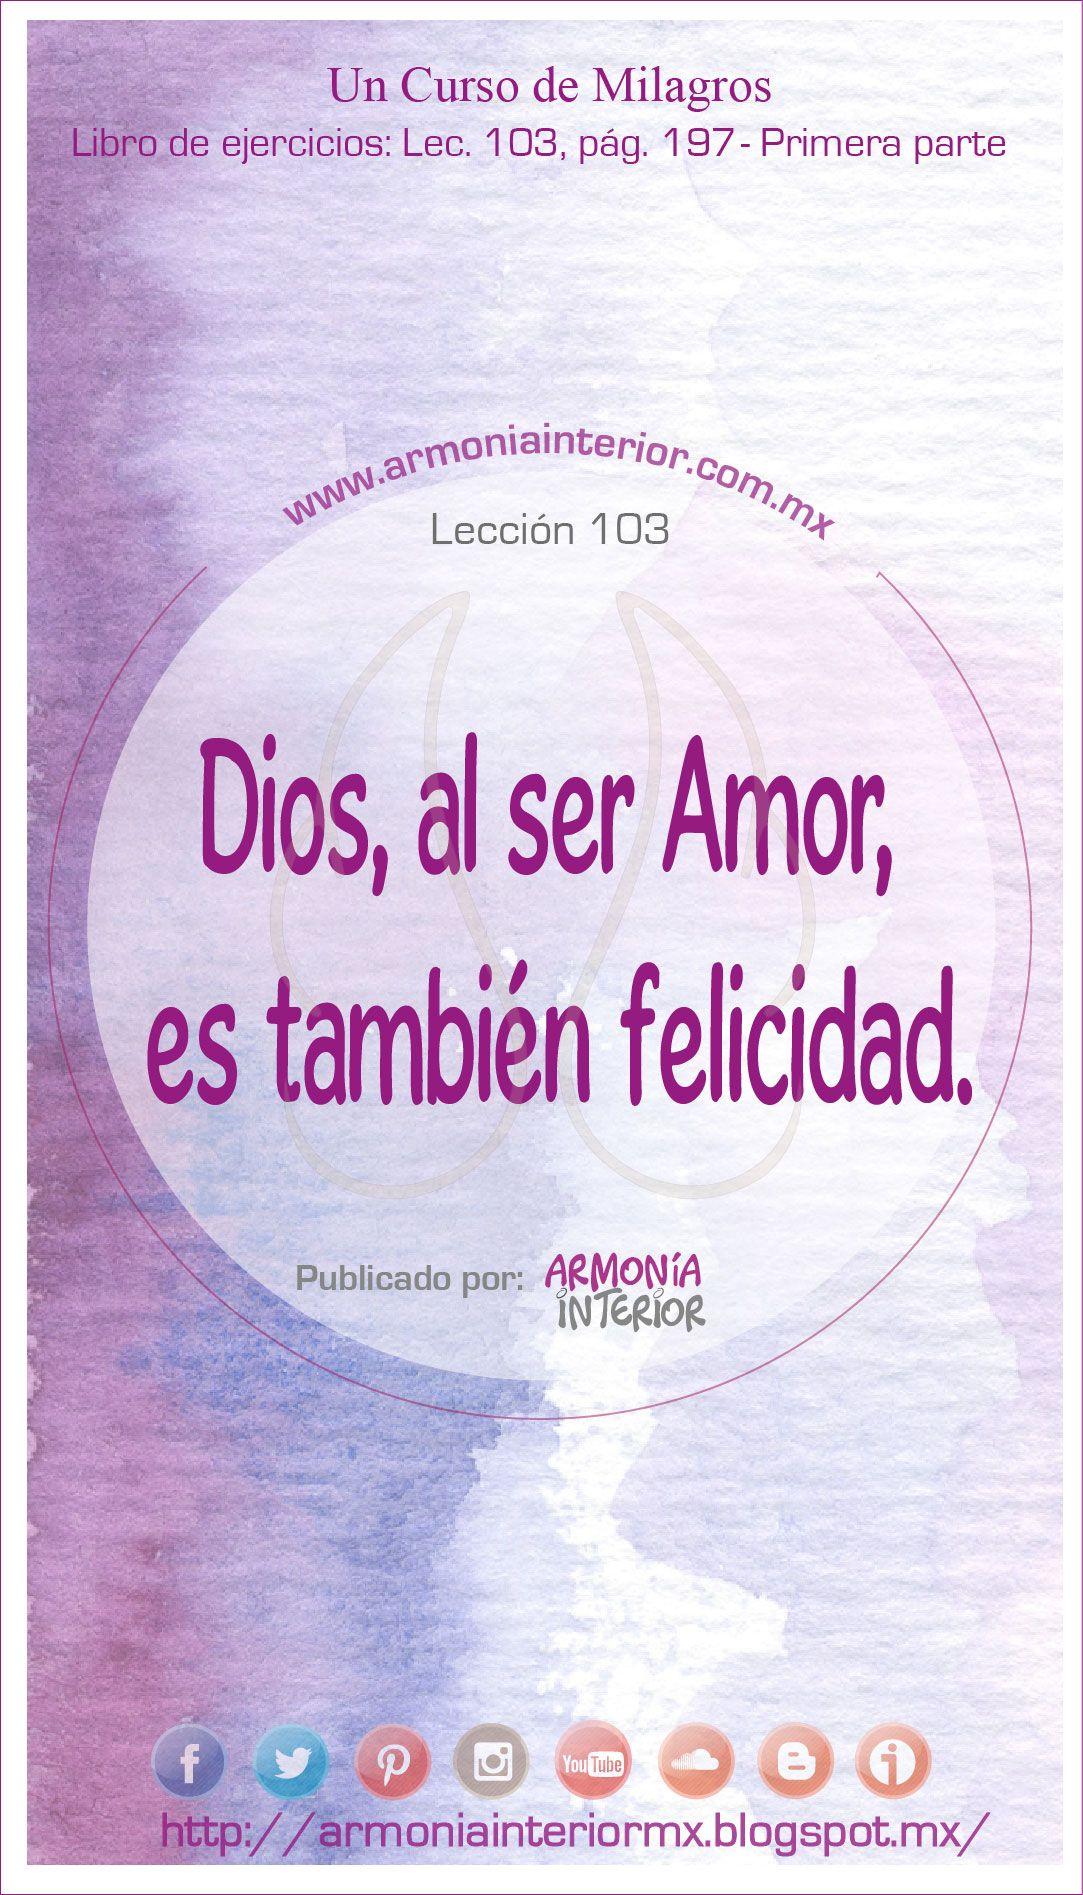 Lección 103 | Dios, al ser Amor, es también felicidad. http://armoniainteriormx.blogspot.mx/